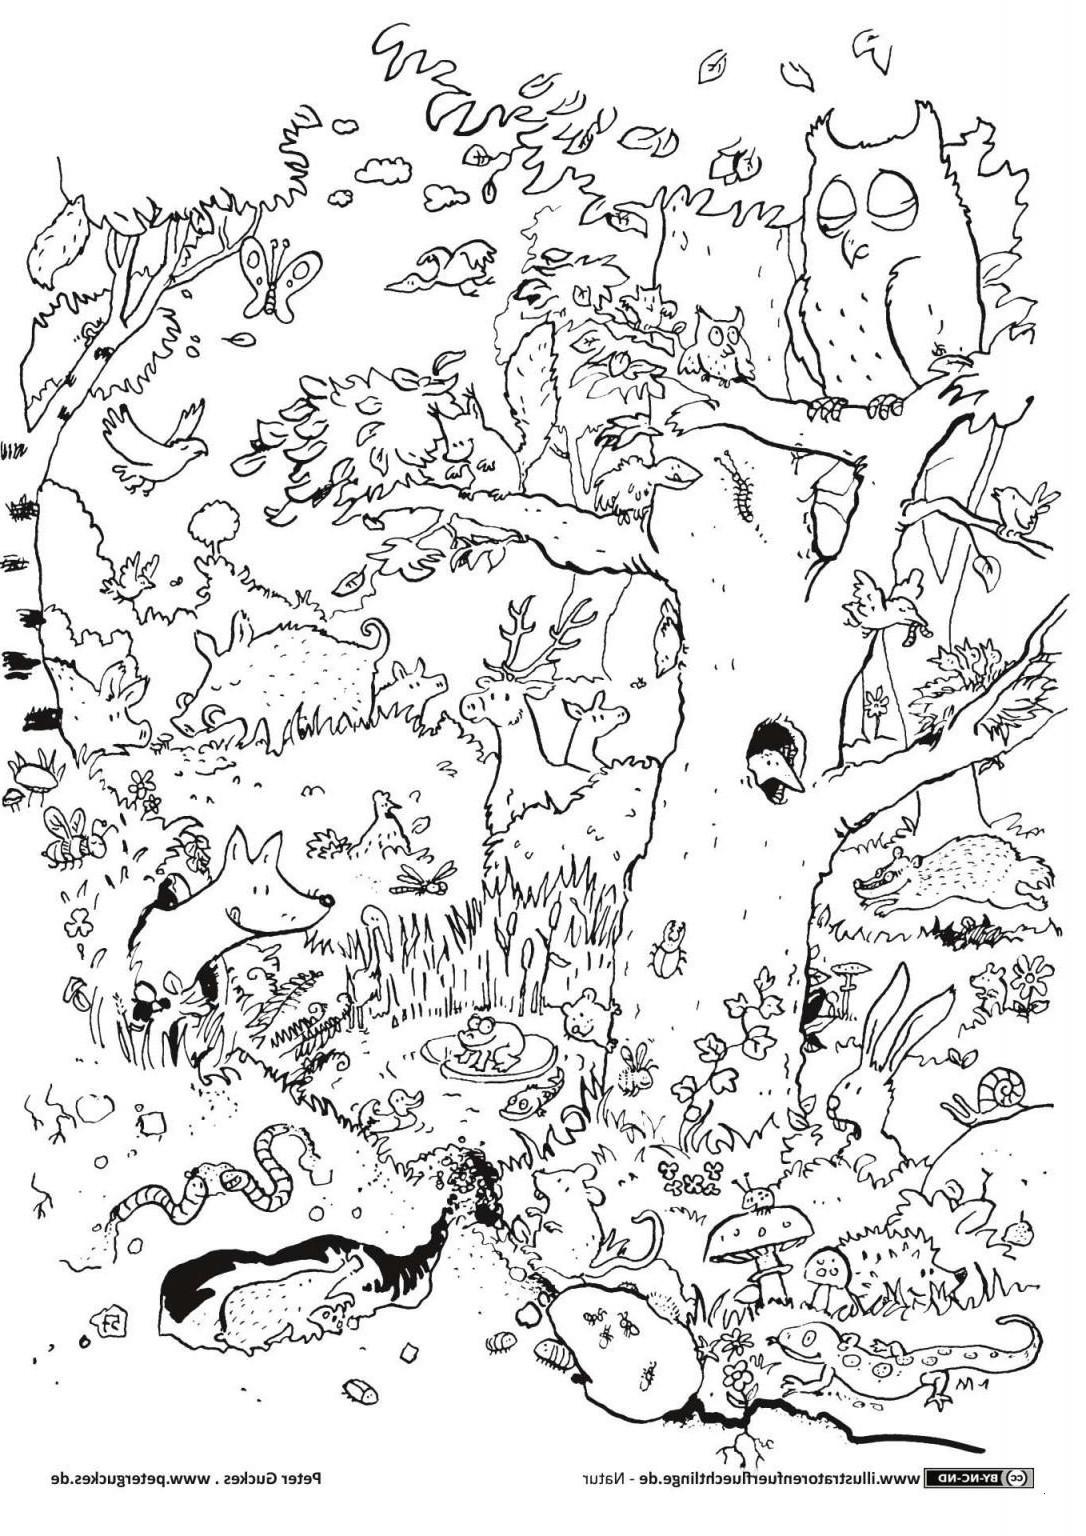 Ninjago Augen Malvorlage Neu 36 Luxus Ausmalbilder Ninjago Kostenlos – Große Coloring Page Sammlung Galerie